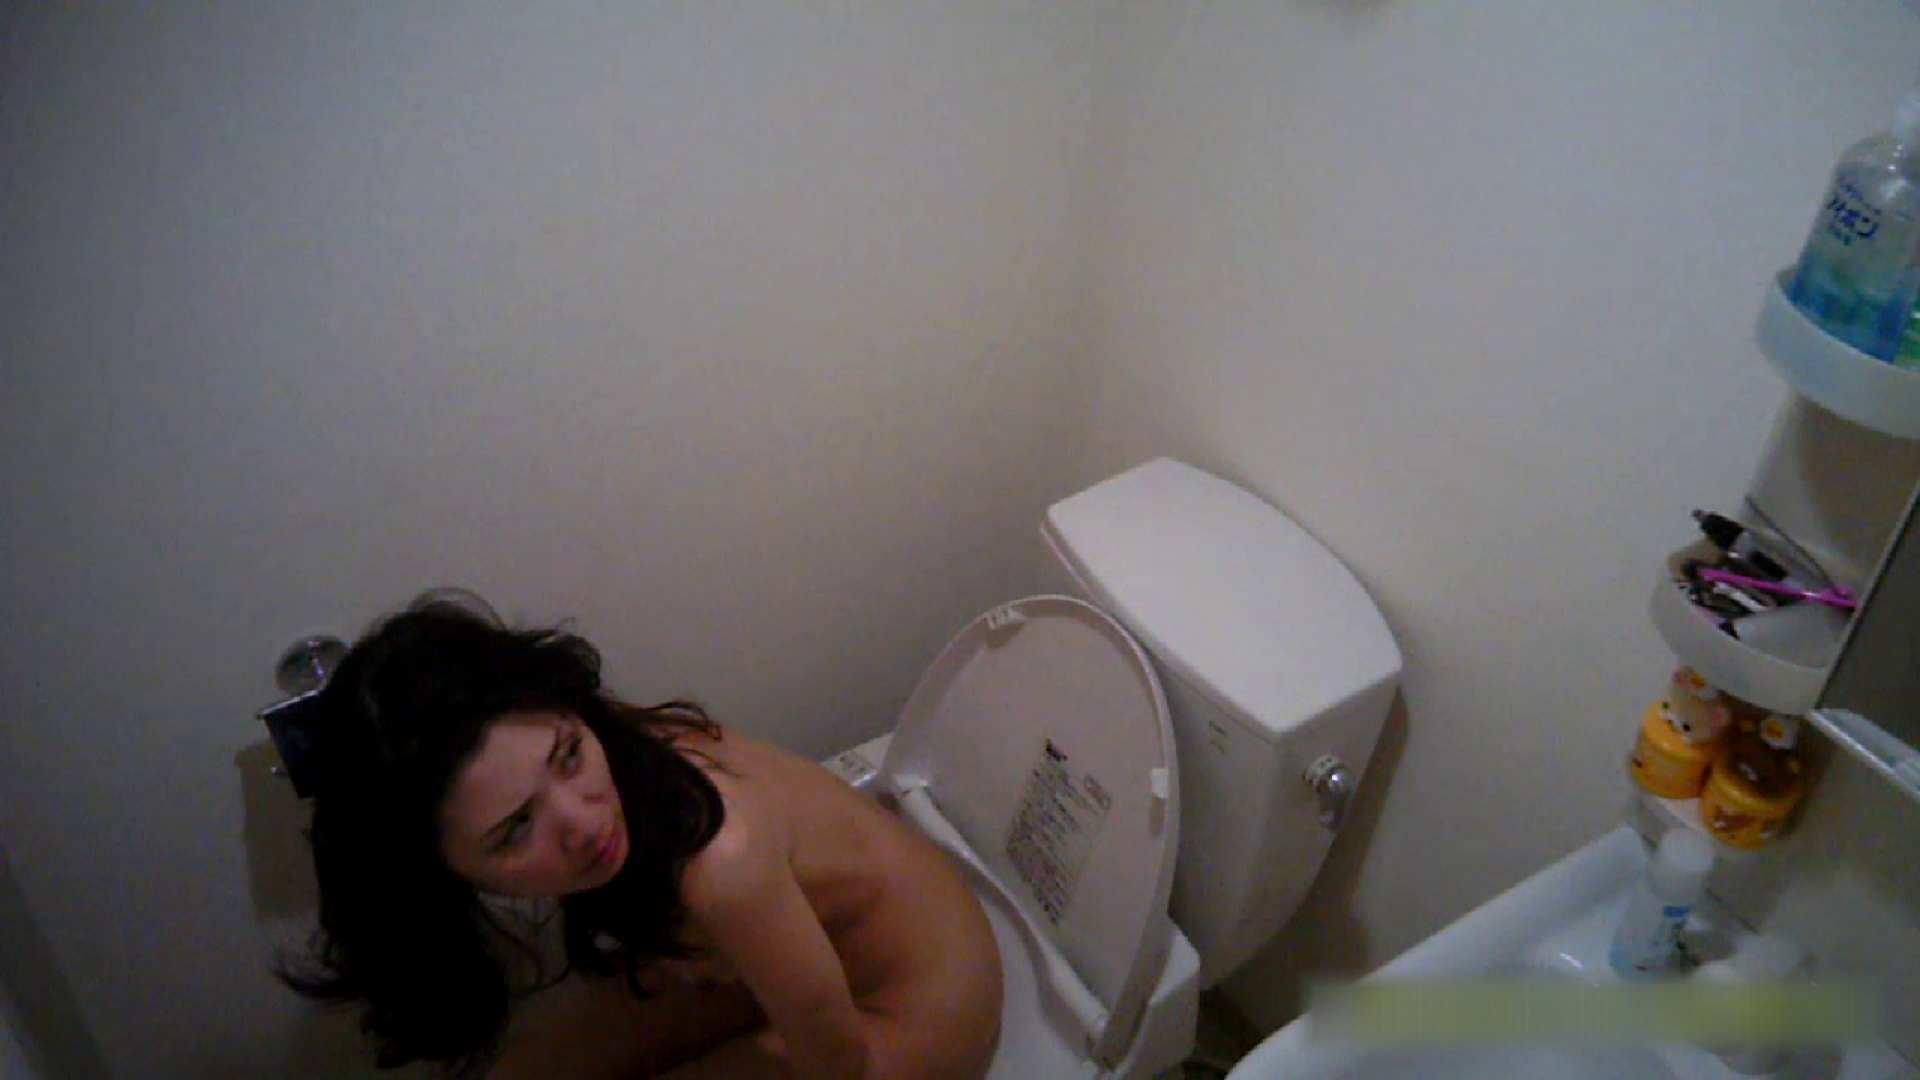 清楚な顔してかなり敏感なE子25歳(仮名)Vol.05 裸でトイレ編 美肌 AV動画キャプチャ 90枚 3